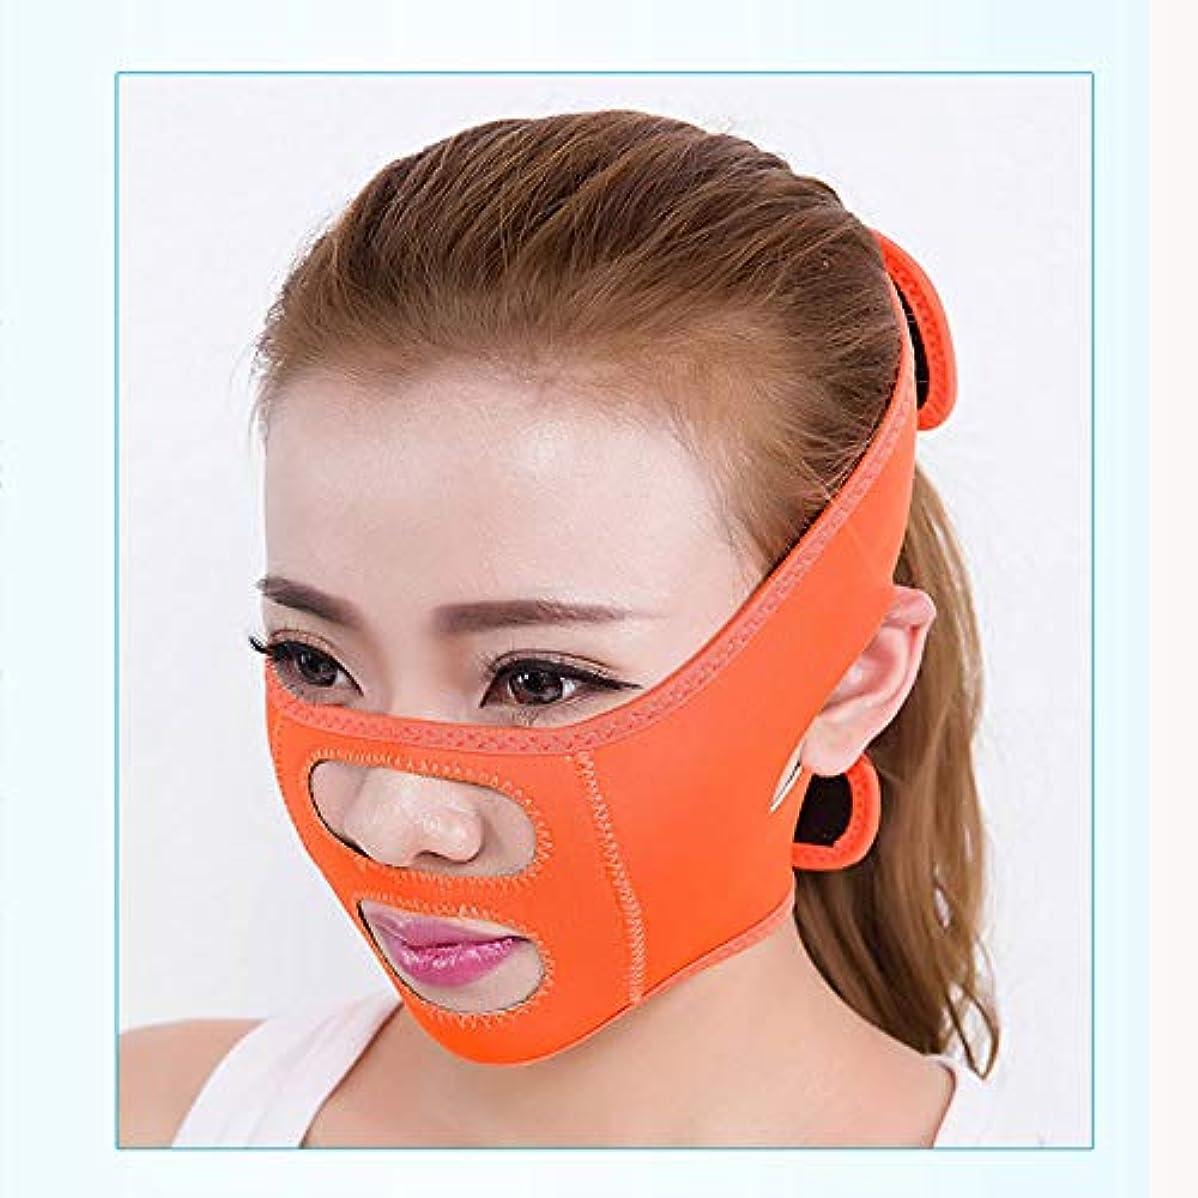 スモールVフェイス睡眠薄い顔ベルト、引き締めと薄い顔の強力な持ち上がる二重あご顔修正包帯,Orange